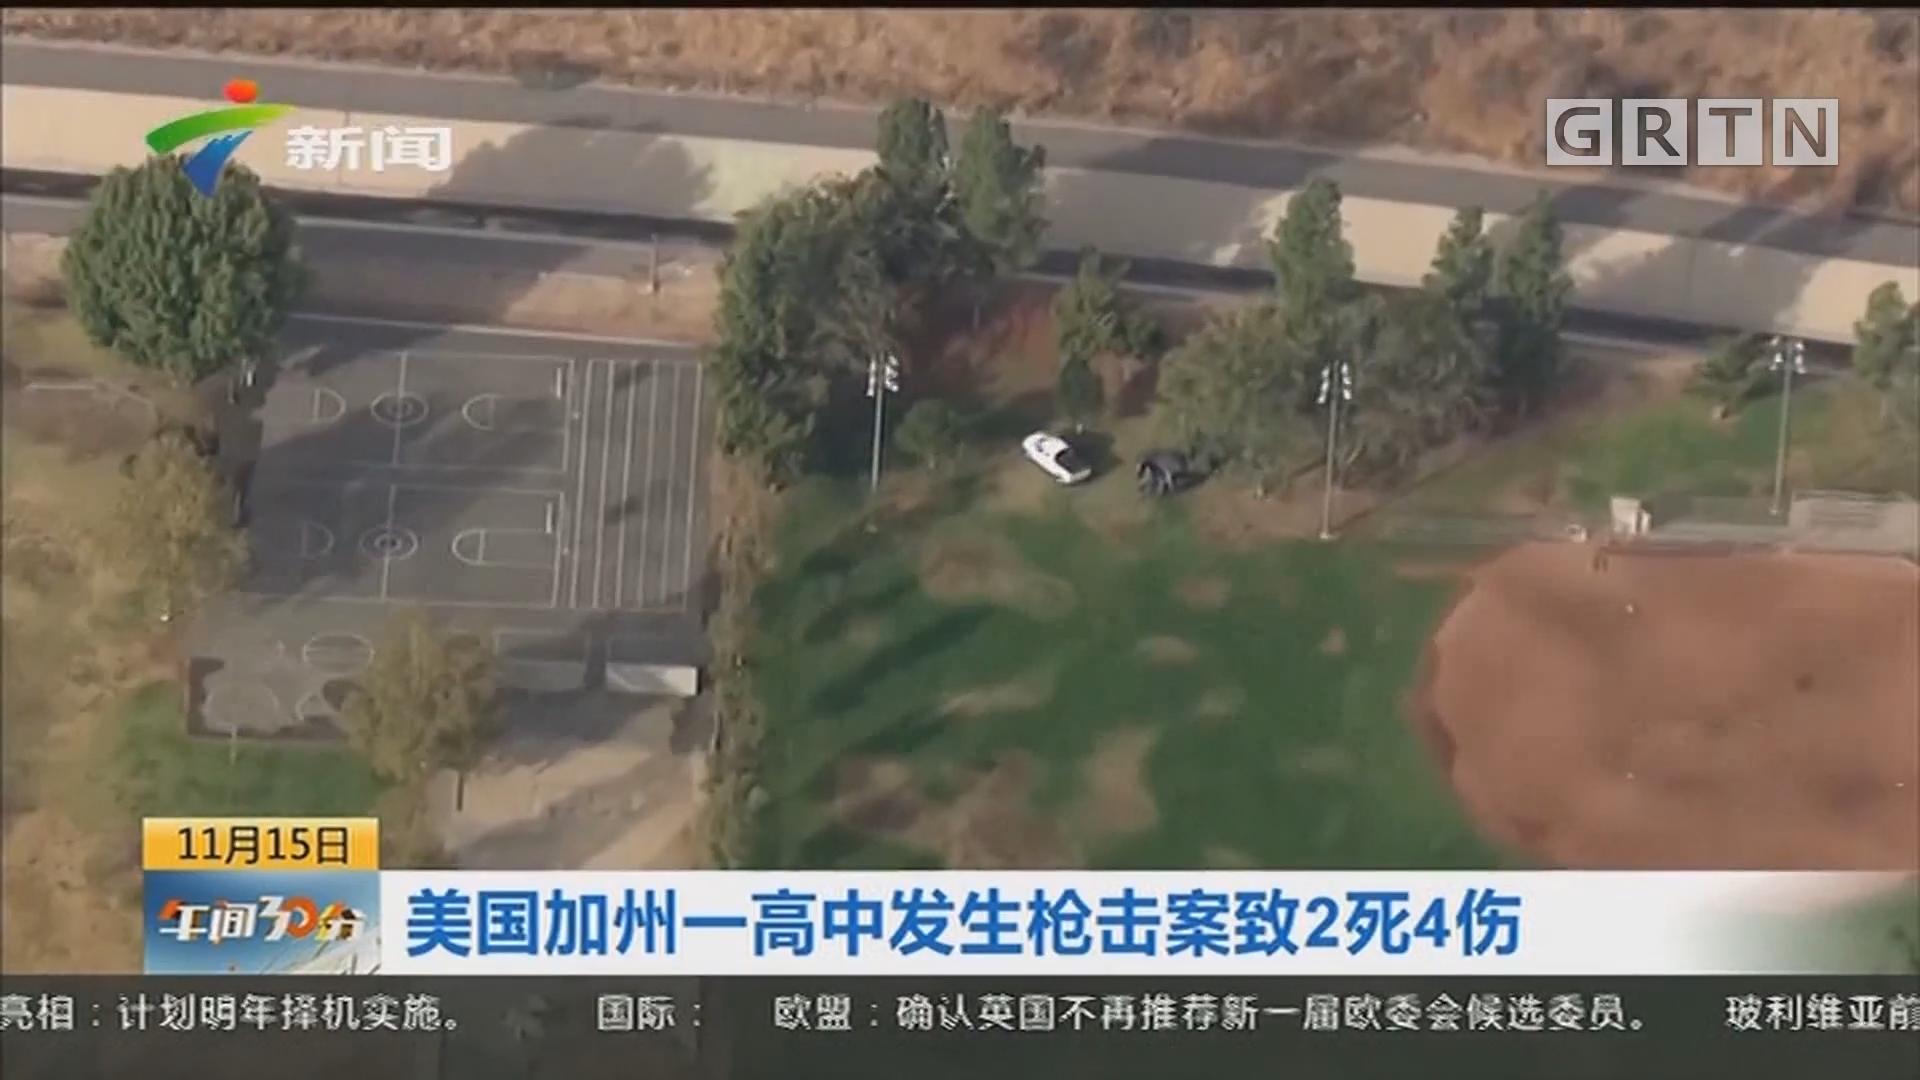 美國加州一高中發生槍擊案致2死4傷